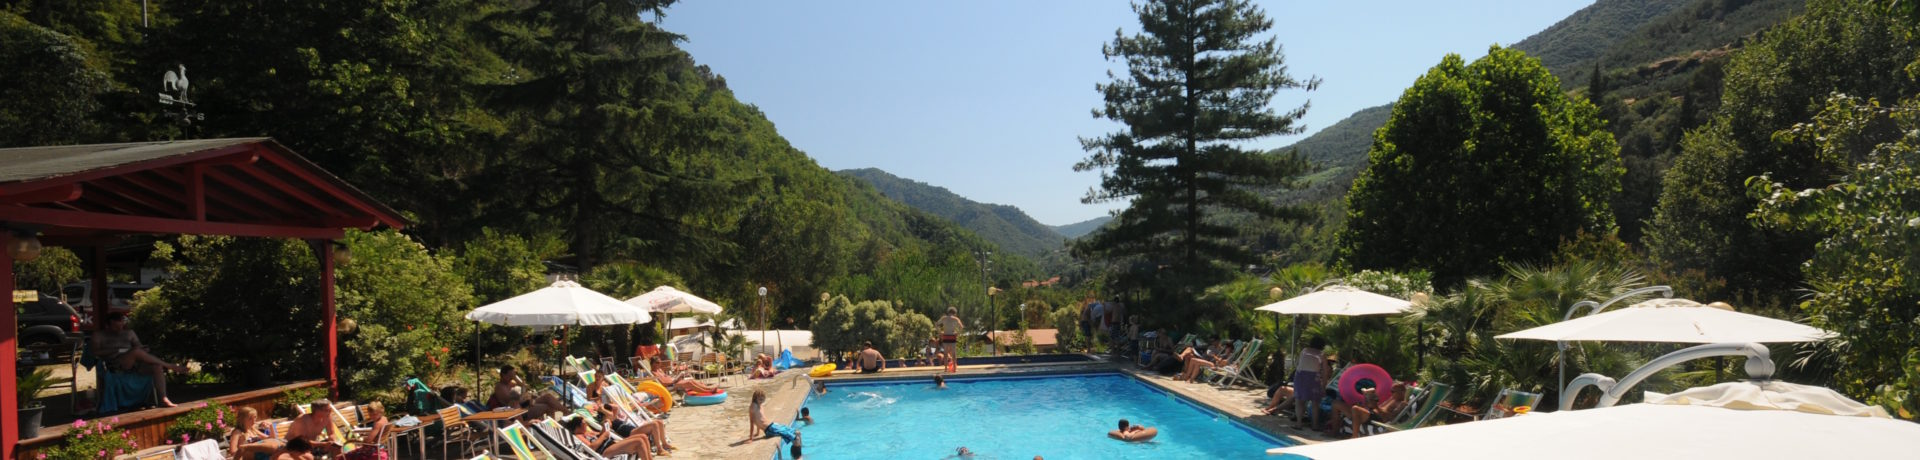 Mooie kleine natuurcamping aan zee in Isolabona in de regio Ligurië met 70 toerplaatsen en 12 huuraccommodaties.